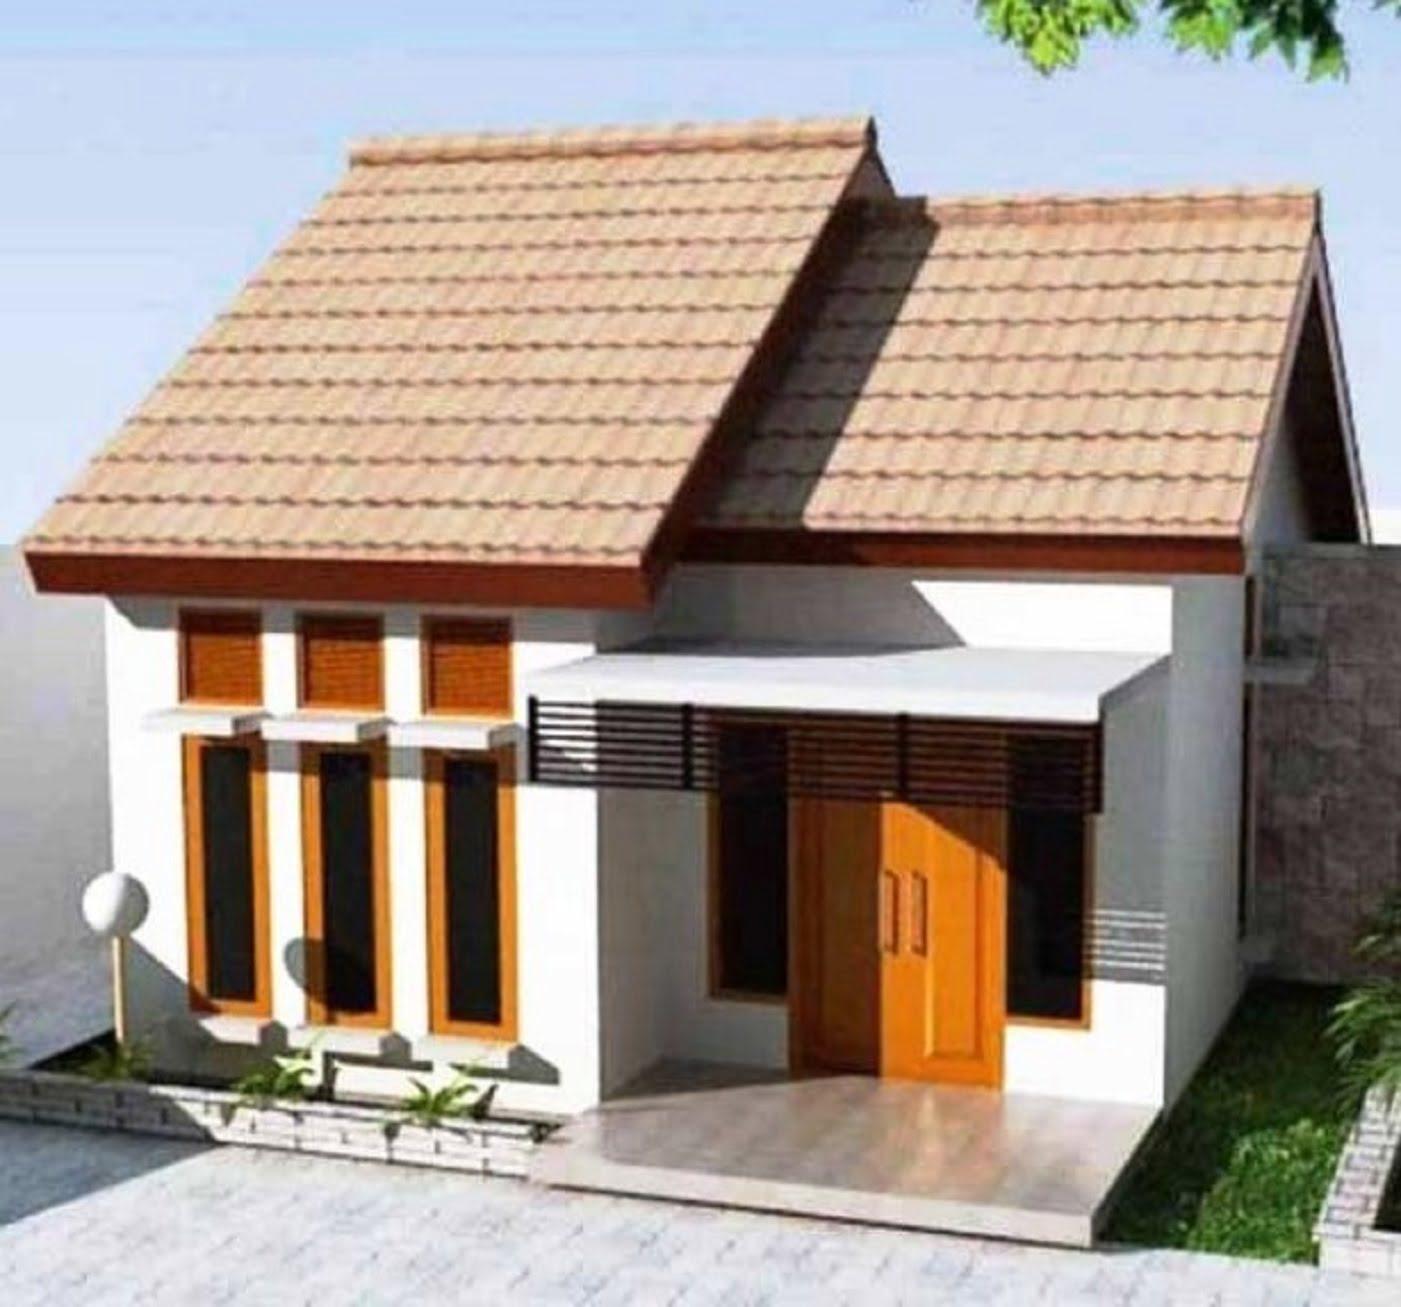 17 Inspirasi Desain Rumah Minimalis Sederhana Mungil Terbaru Dan Terbaik Deagam Design